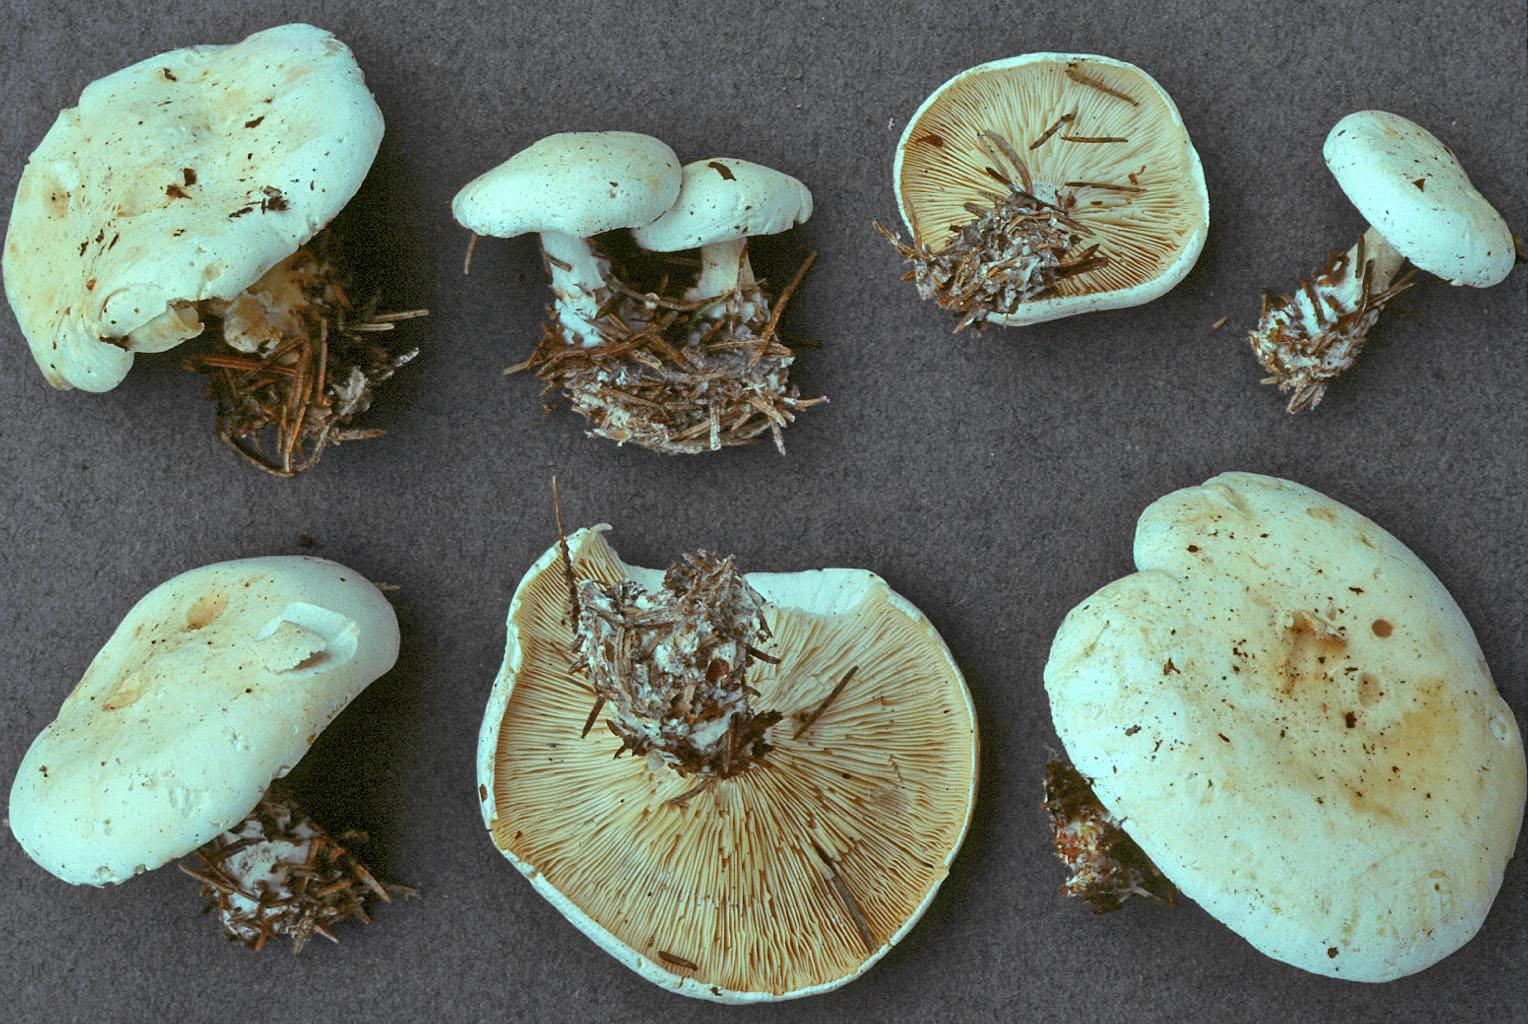 Leucopaxillus alboalutaceus